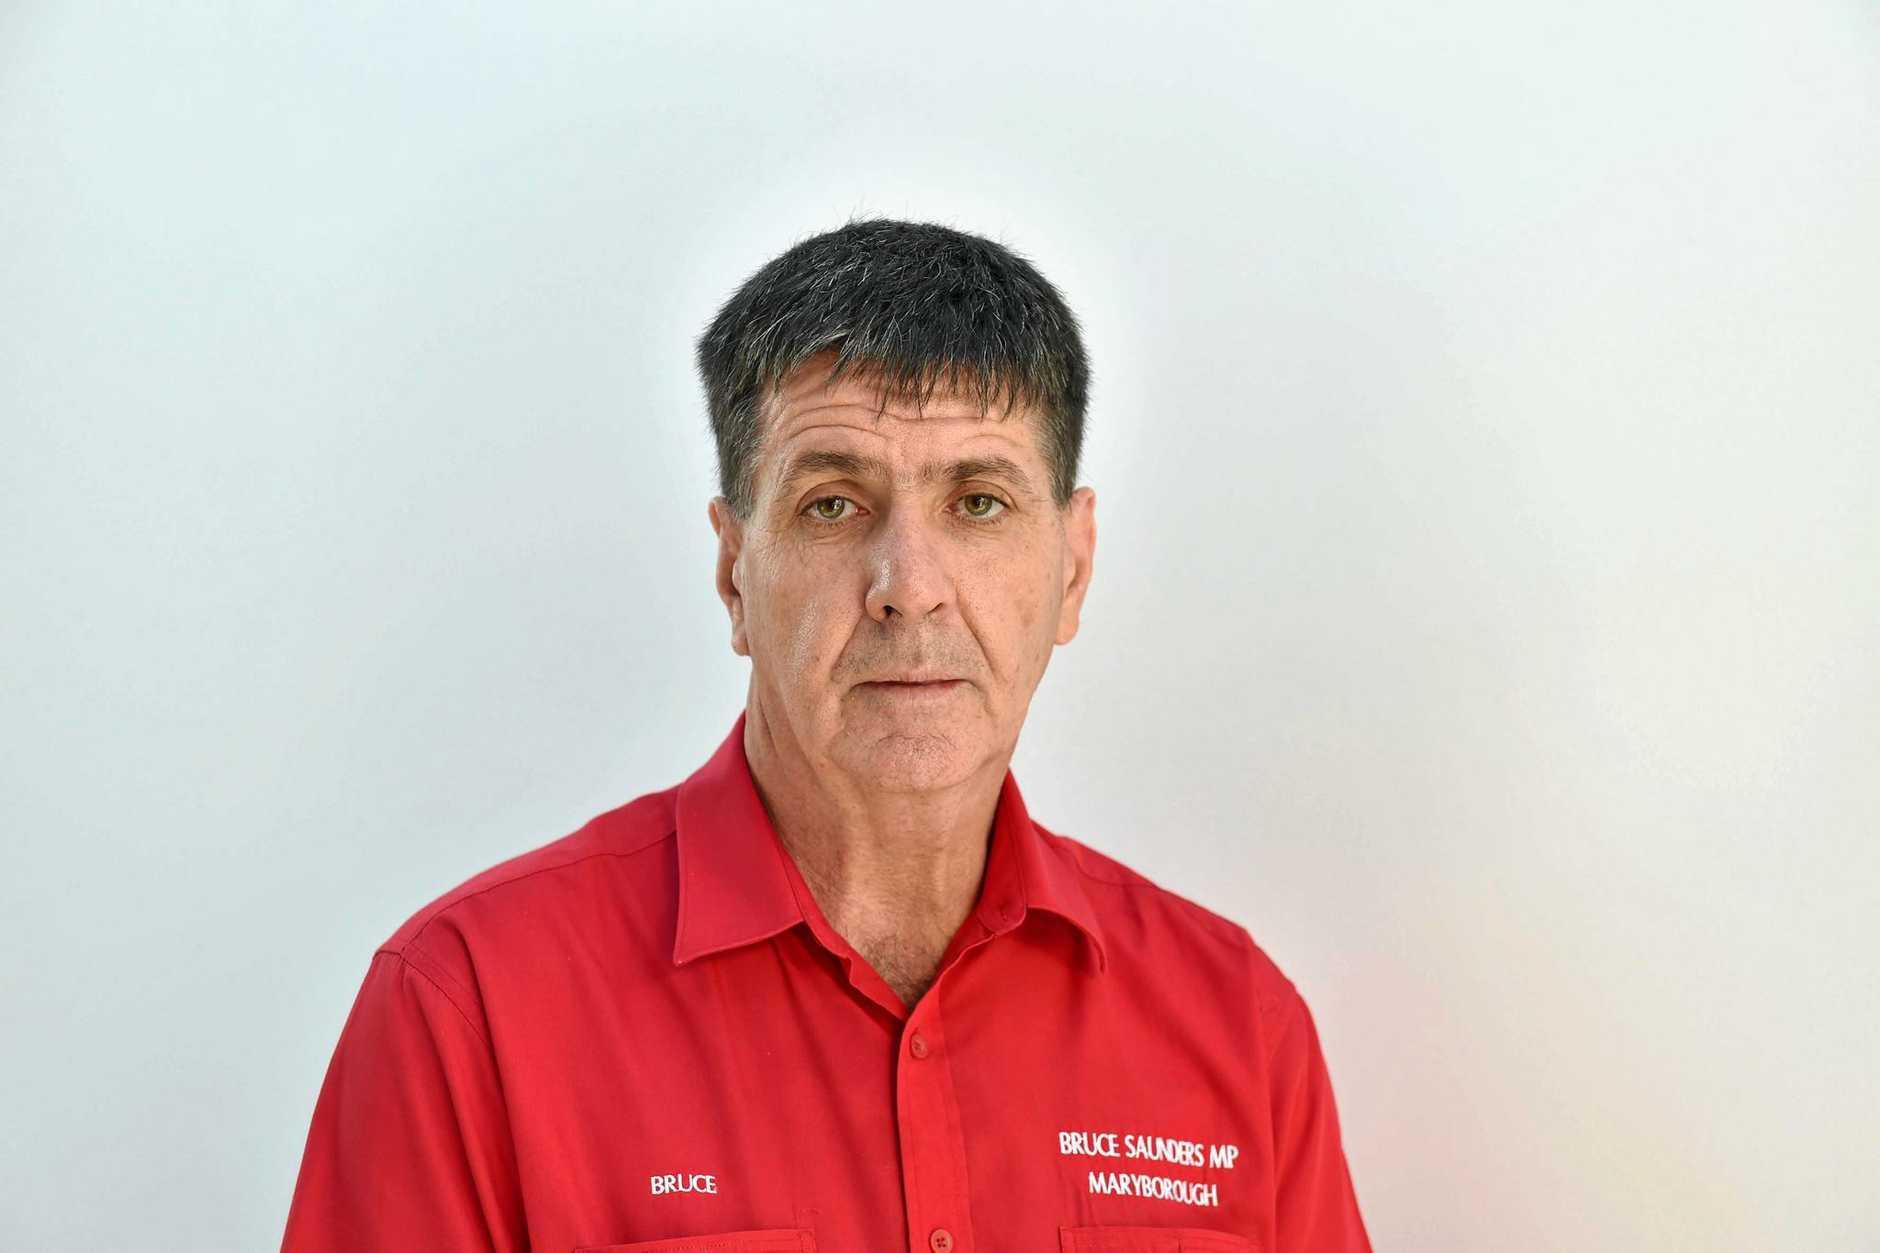 Bruce Saunders MP Maryborough. Photo: Valerie Horton / Fraser Coast Chronicle